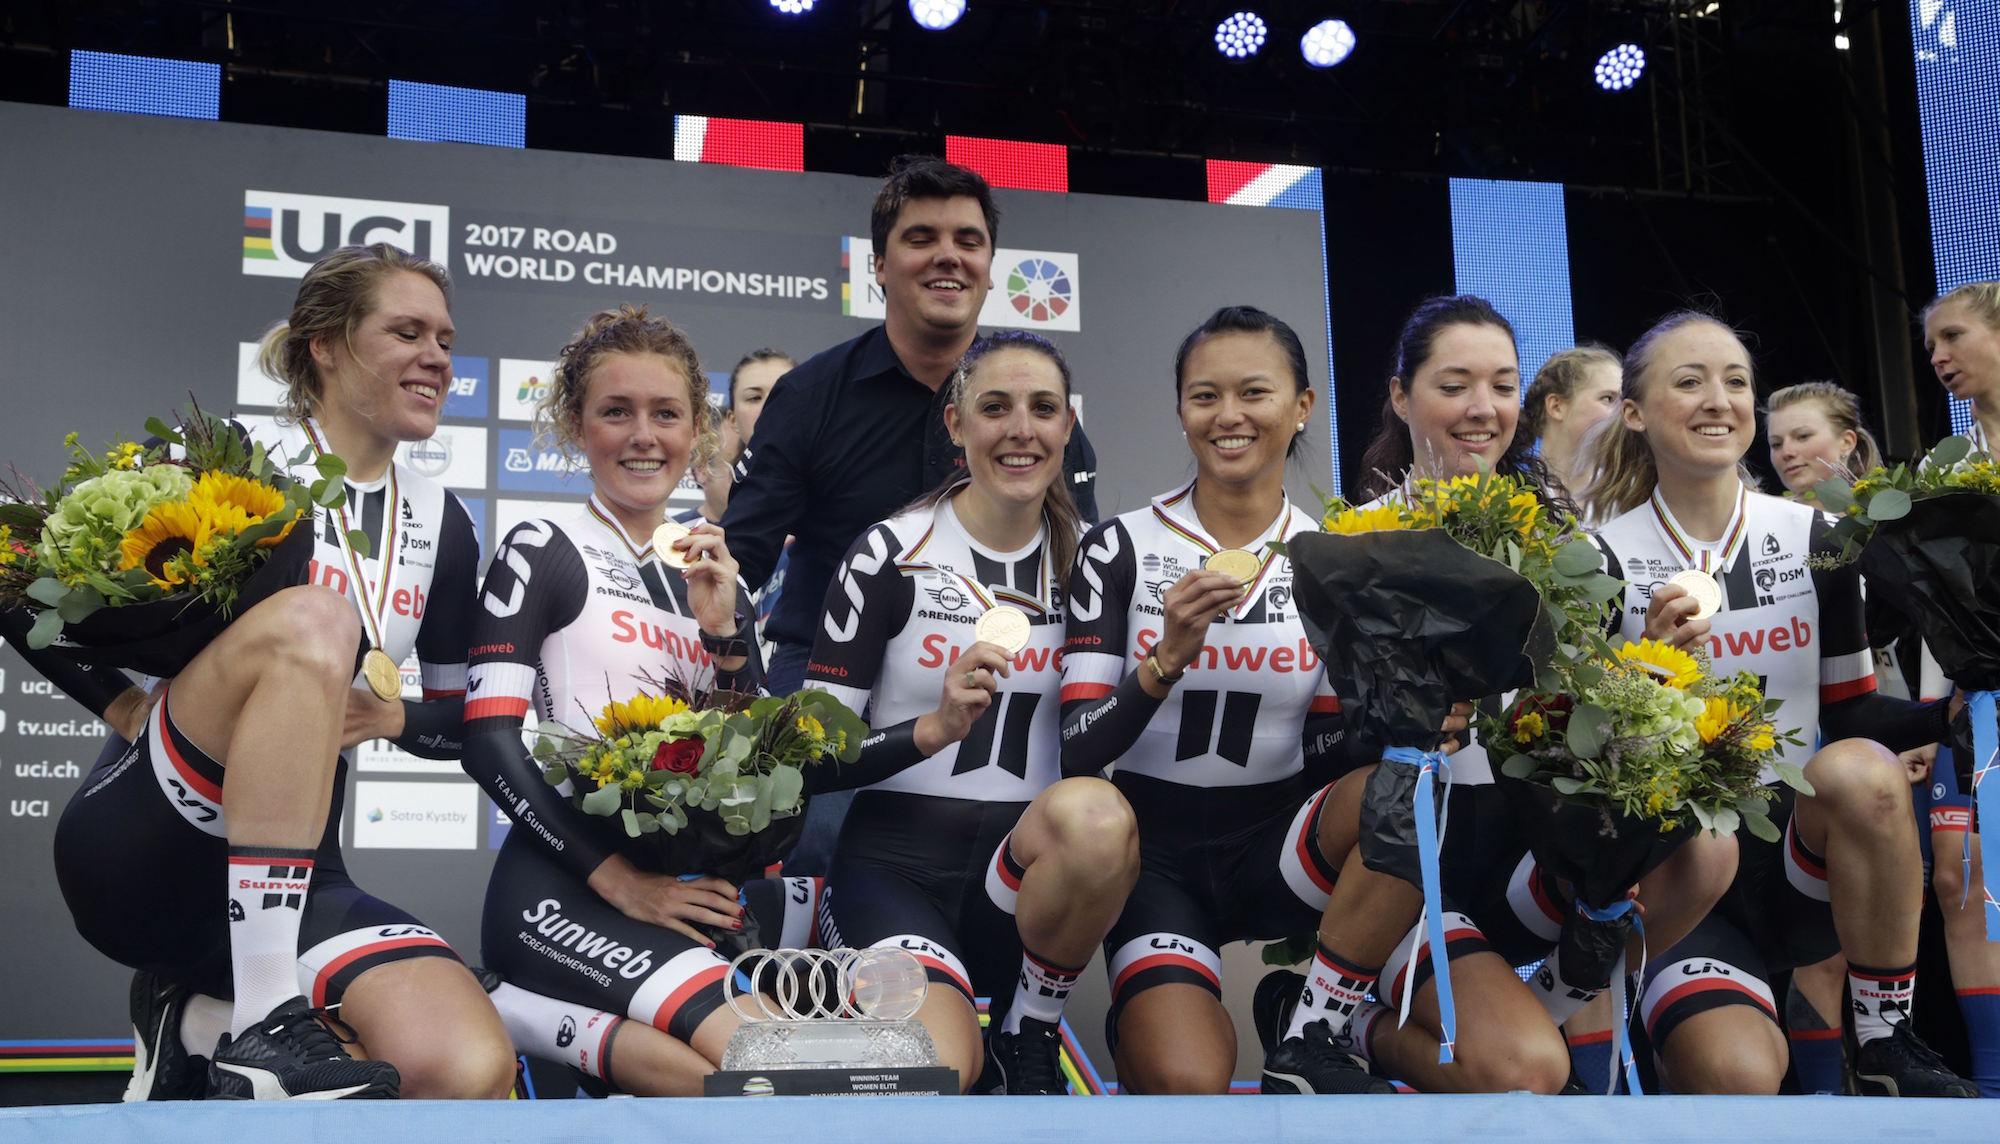 Il Team Sunweb campione del mondo della cronosquadre Donne Elite